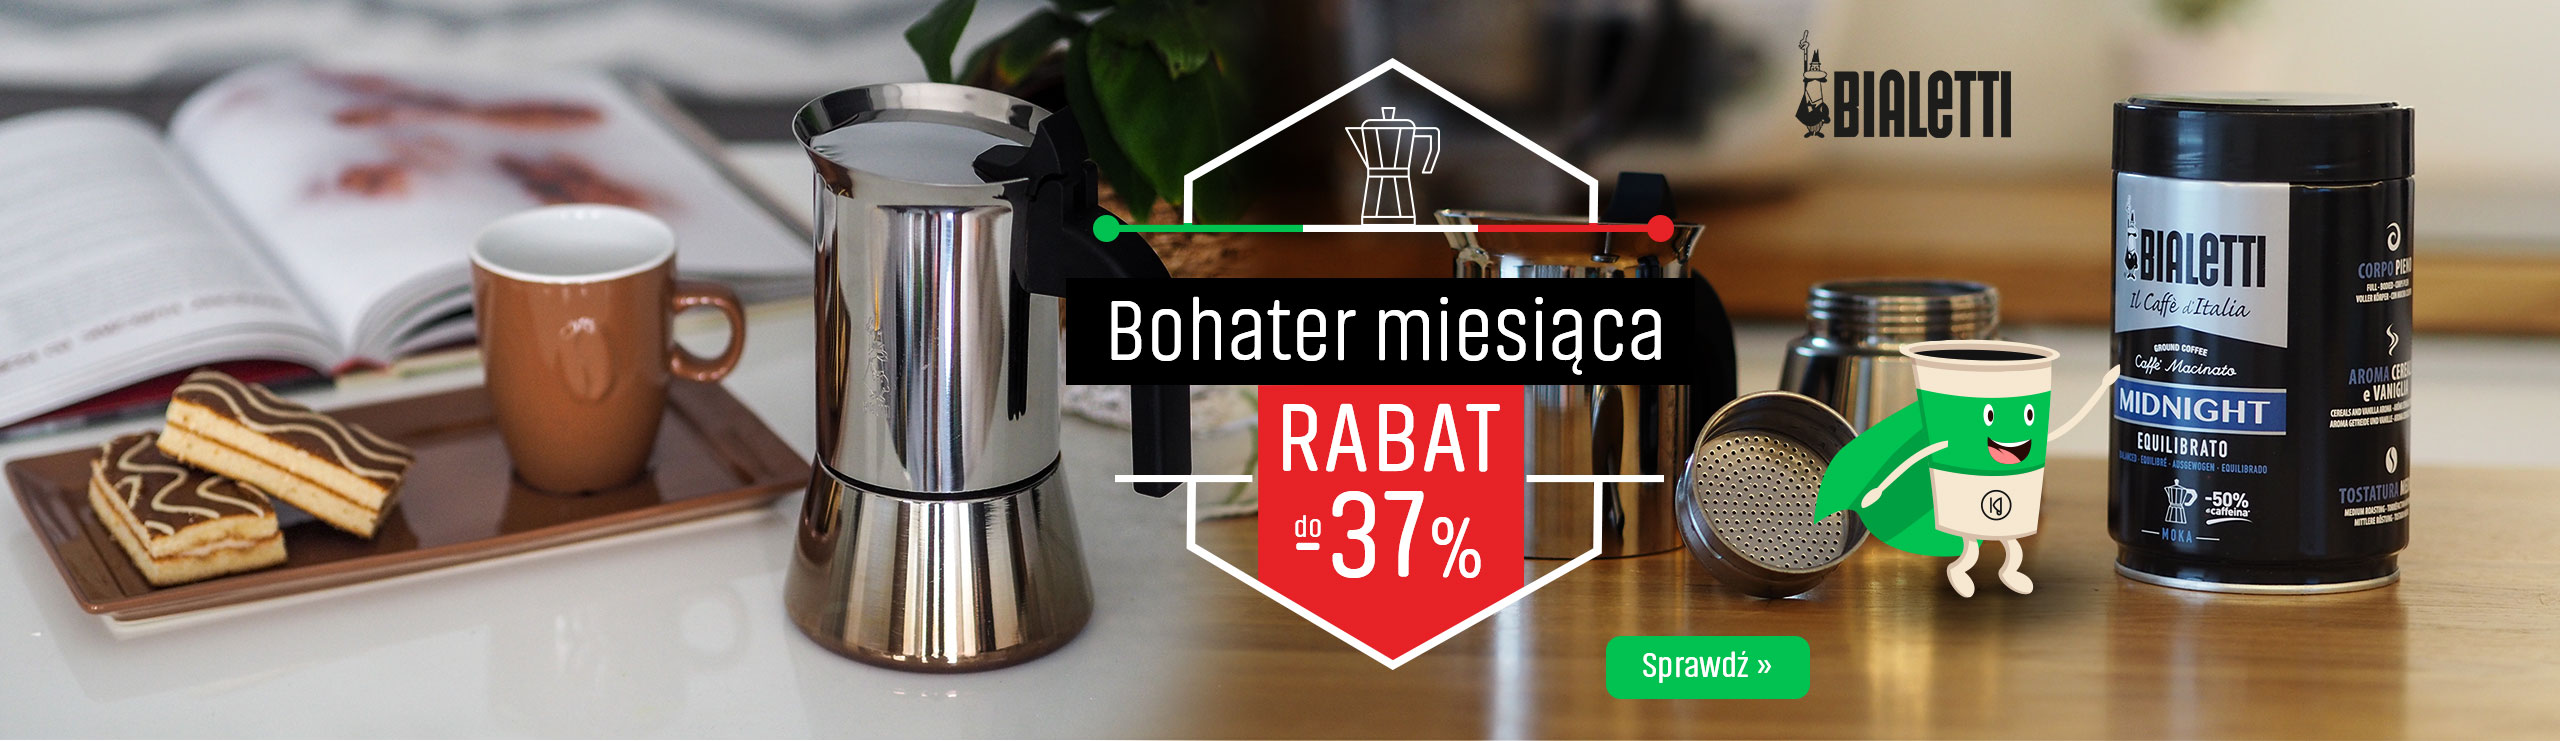 Kawiarki Bialetti z rabatem do -37%